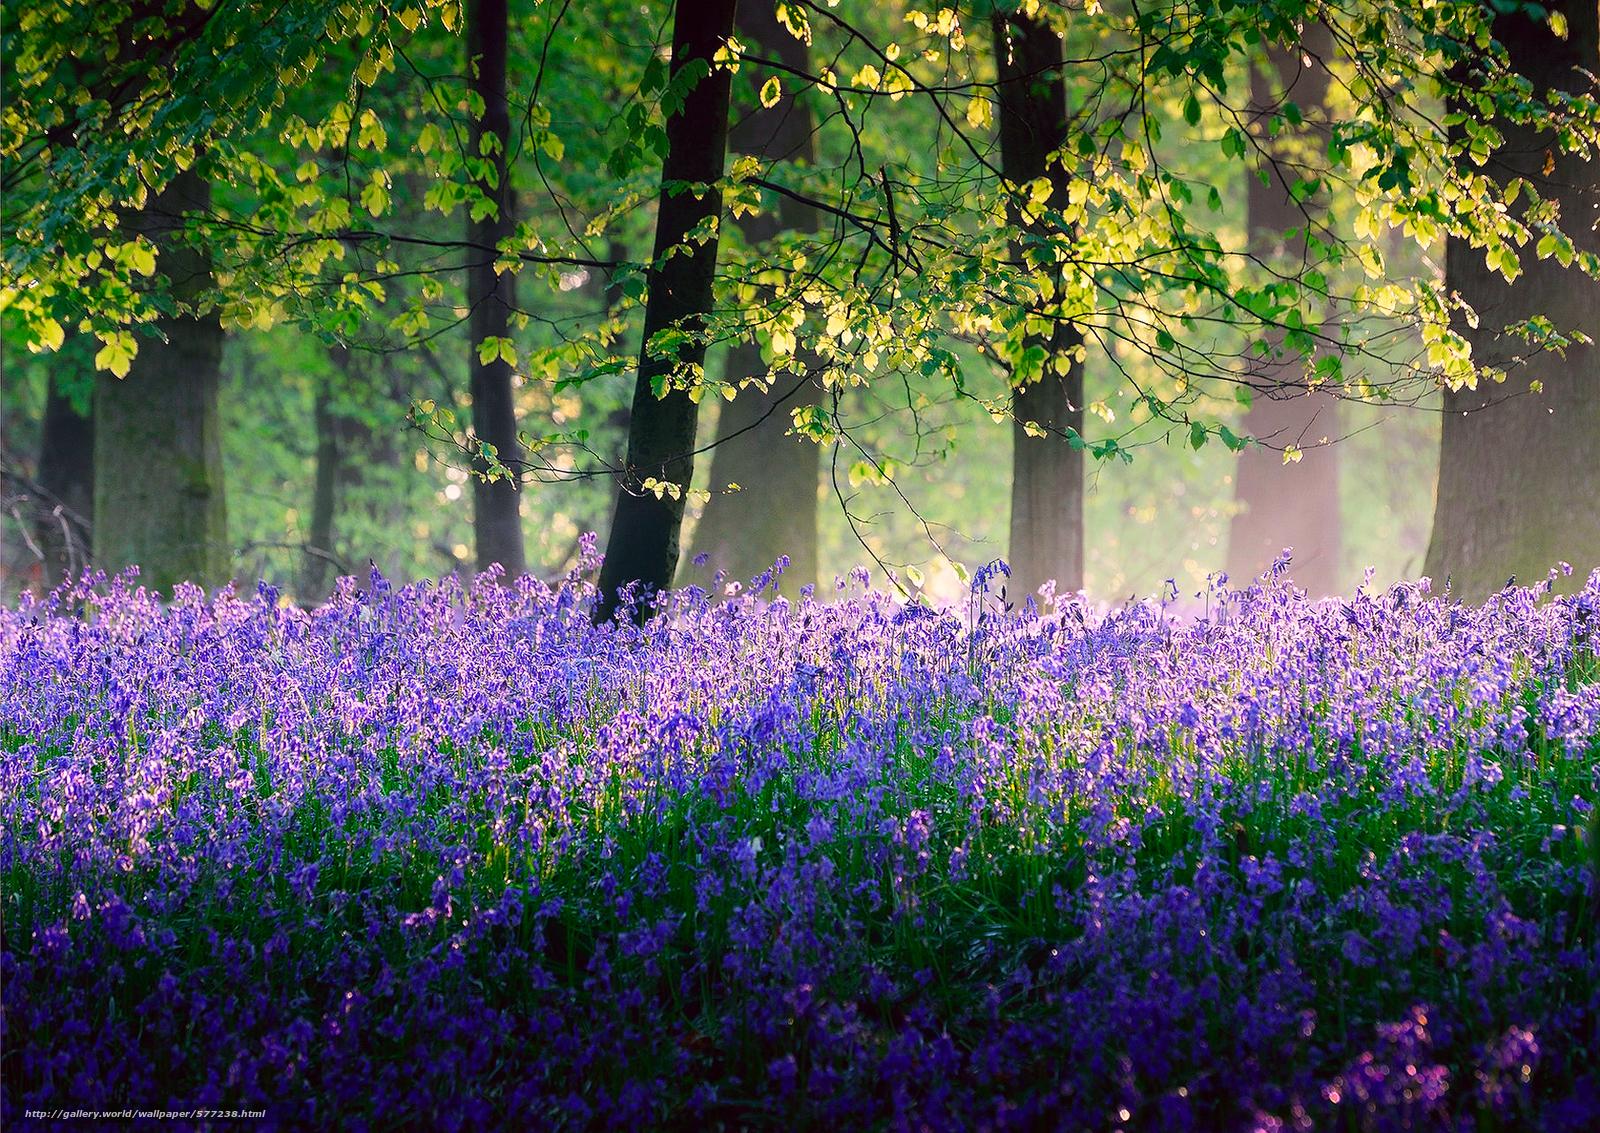 Scaricare gli sfondi alberi fiori primavera maggio for Sfondi desktop gratis primavera